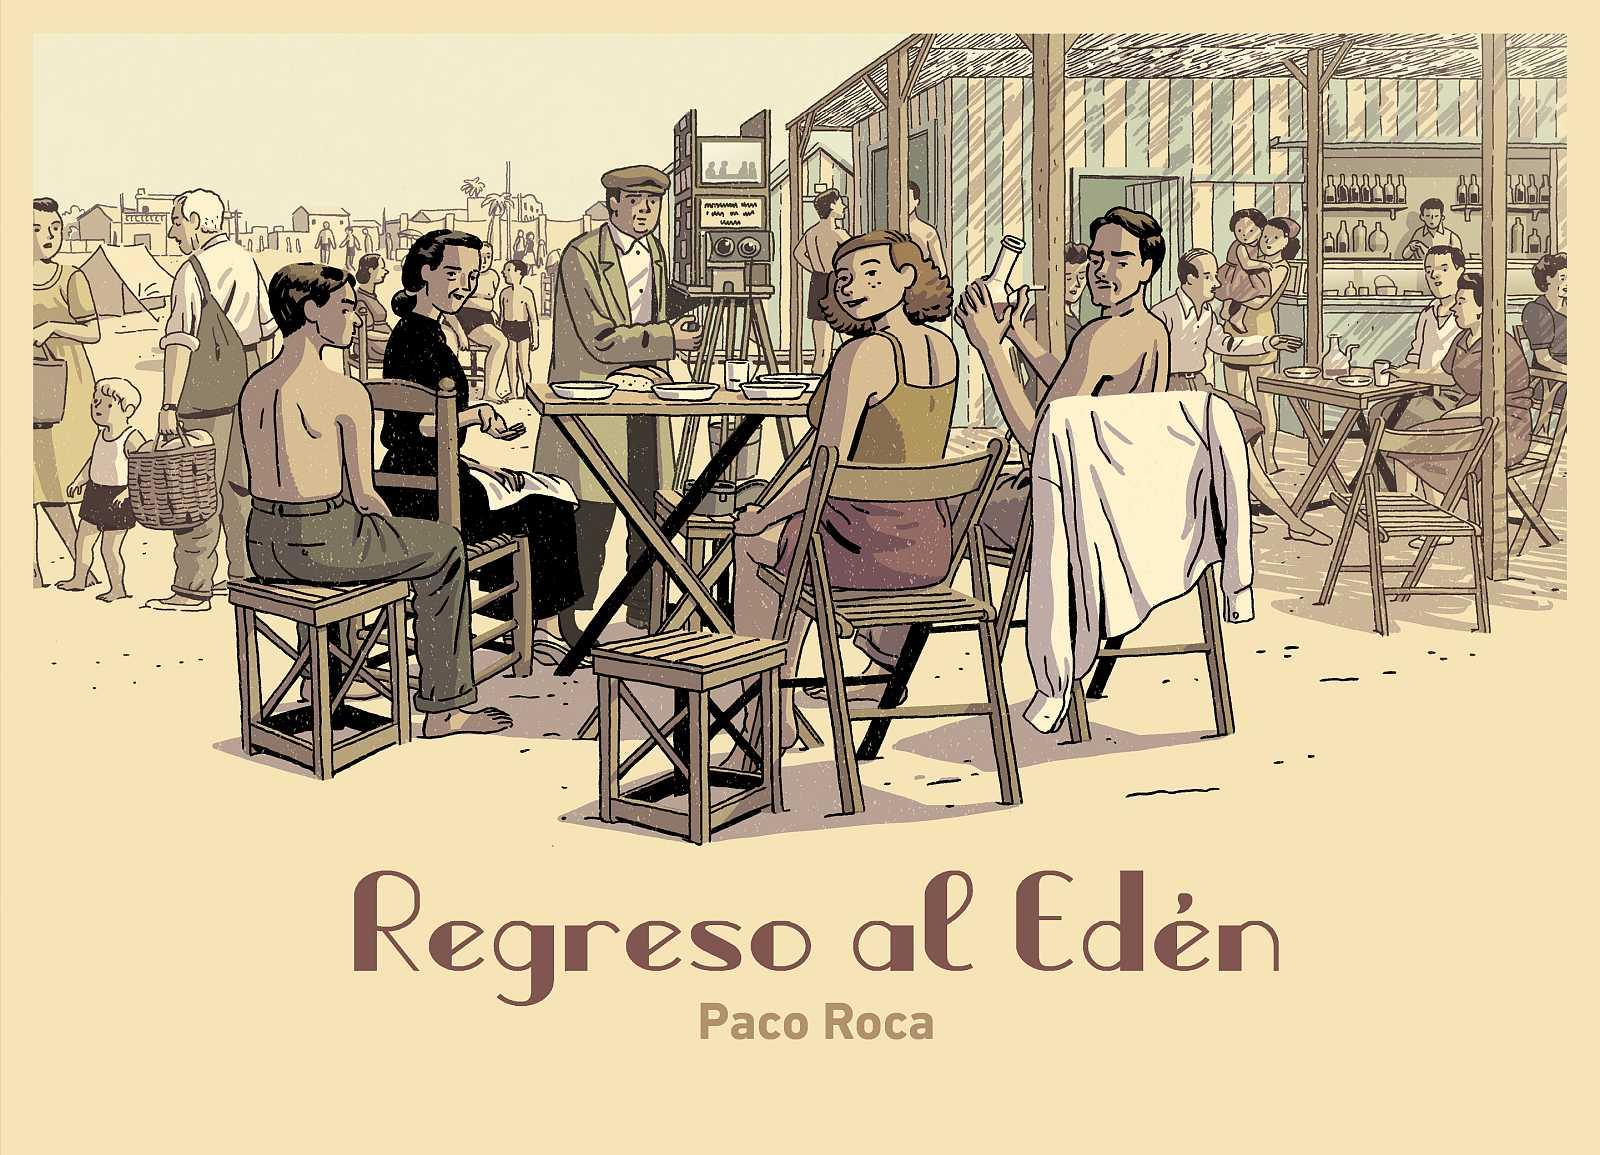 Viñetas y bocadillos - Paco Roca 'Regreso al Edén' - 08/02/21  - Escuchar ahora